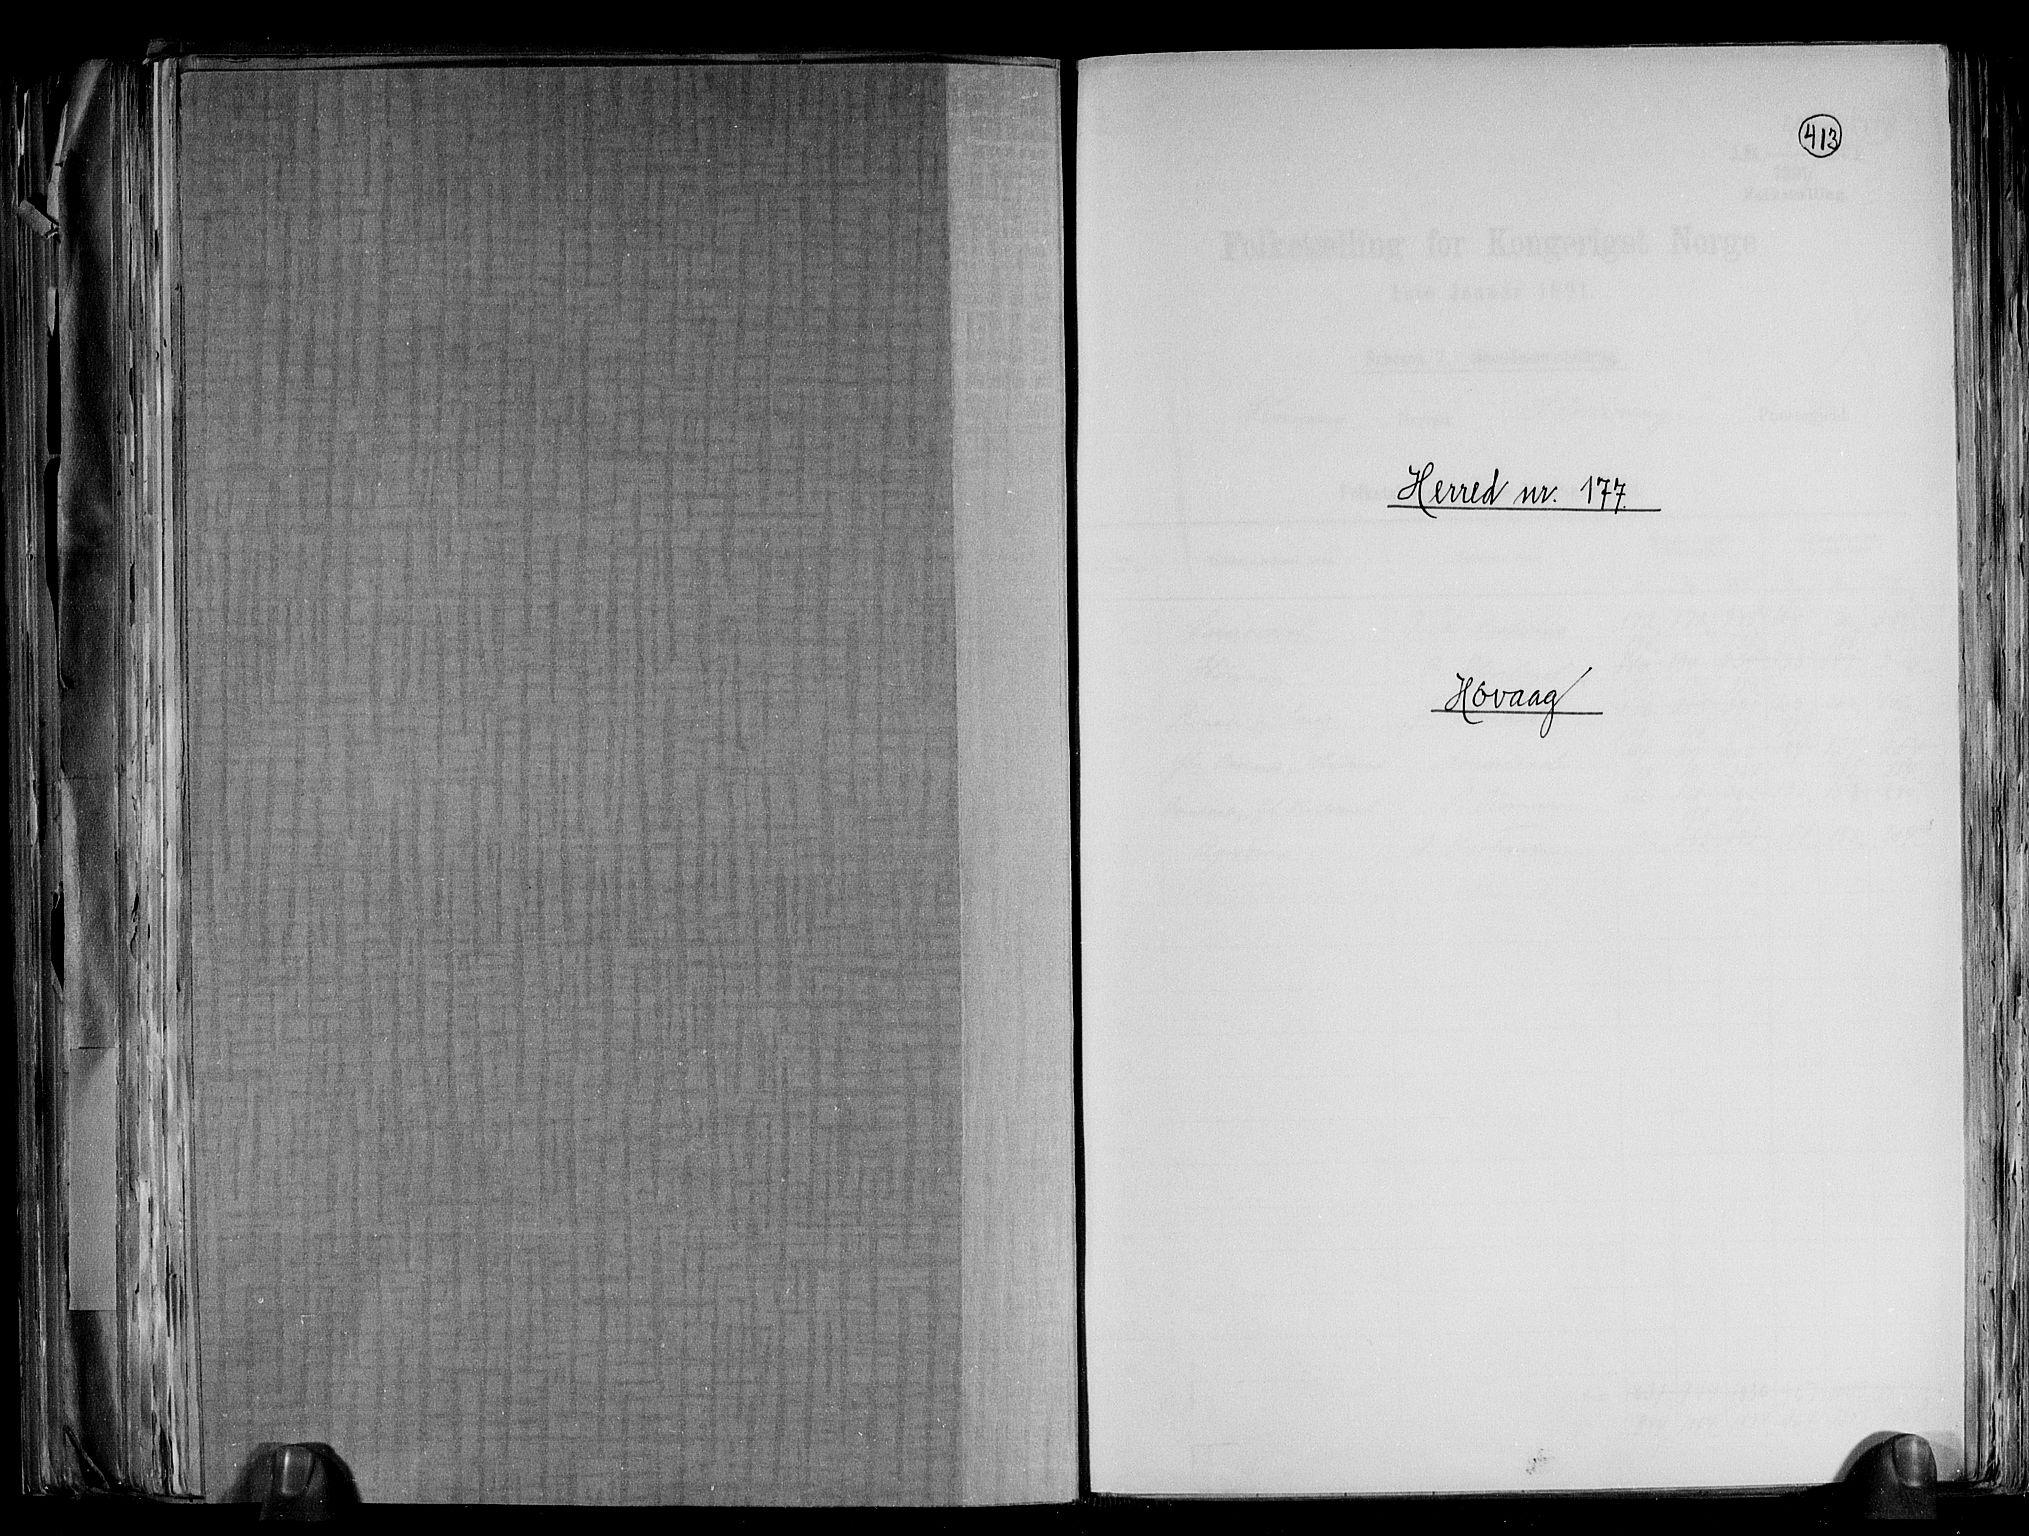 RA, Folketelling 1891 for 0927 Høvåg herred, 1891, s. 1